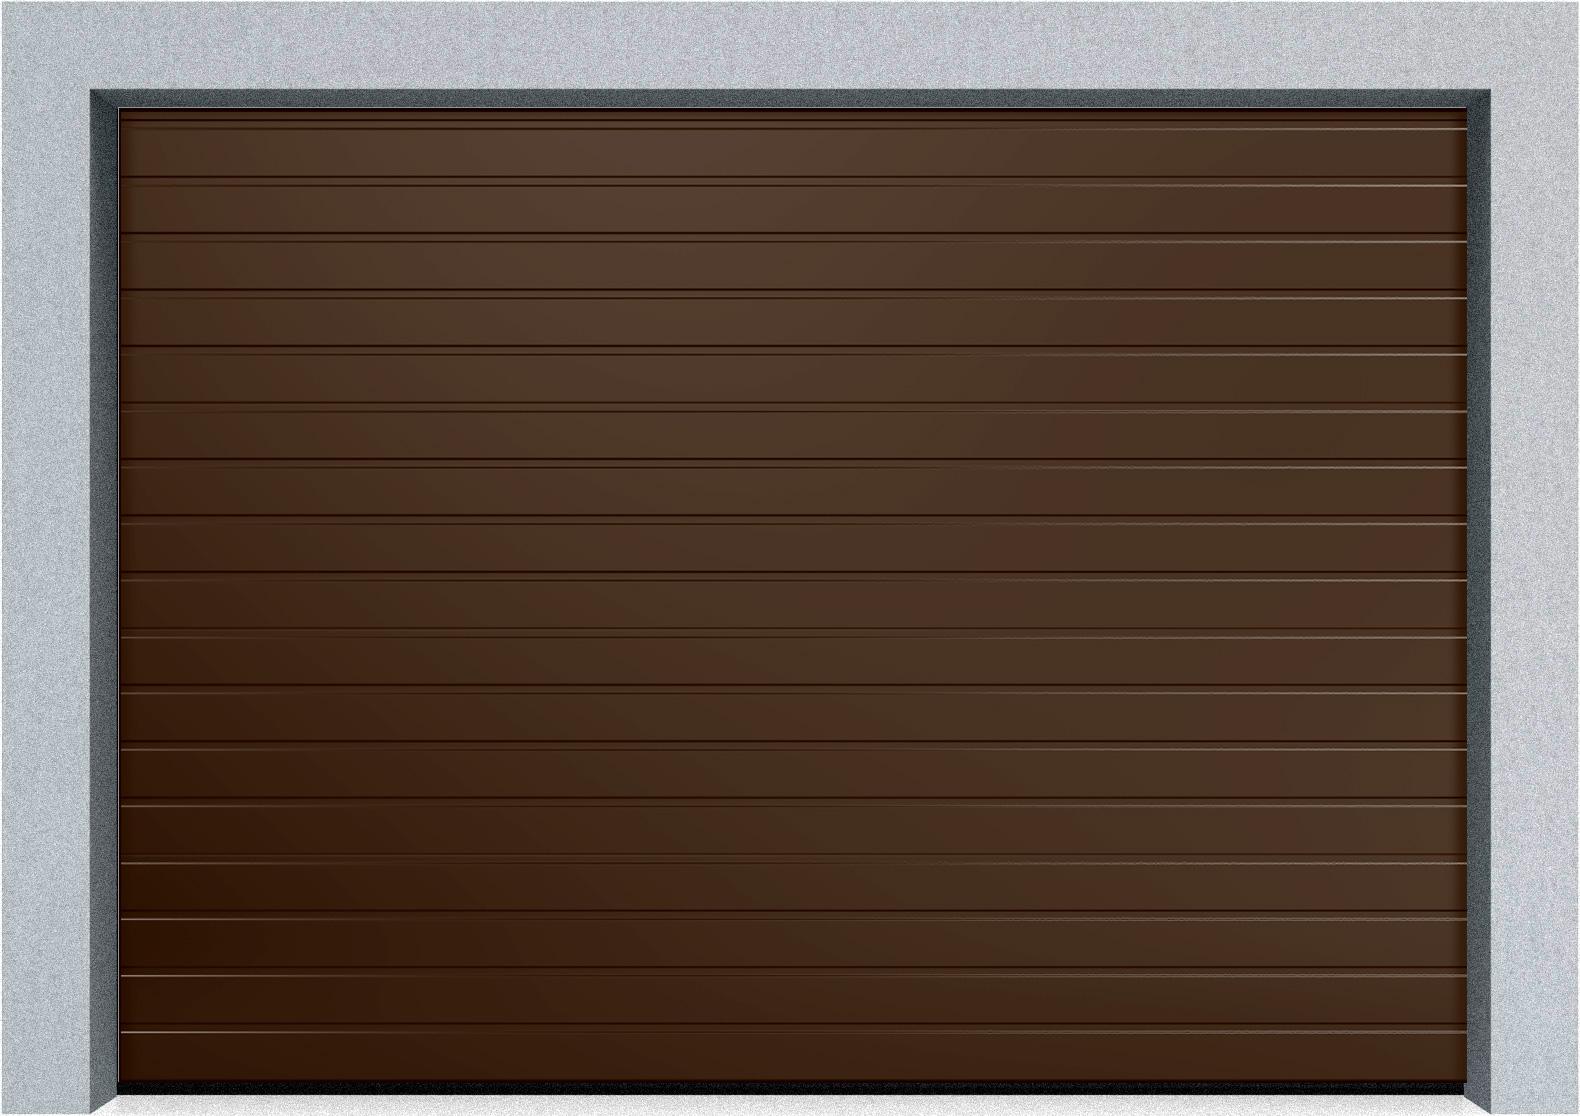 Секционные промышленные ворота Alutech ProTrend 1750х2500 S-гофр, Микроволна стандартные цвета, фото 2